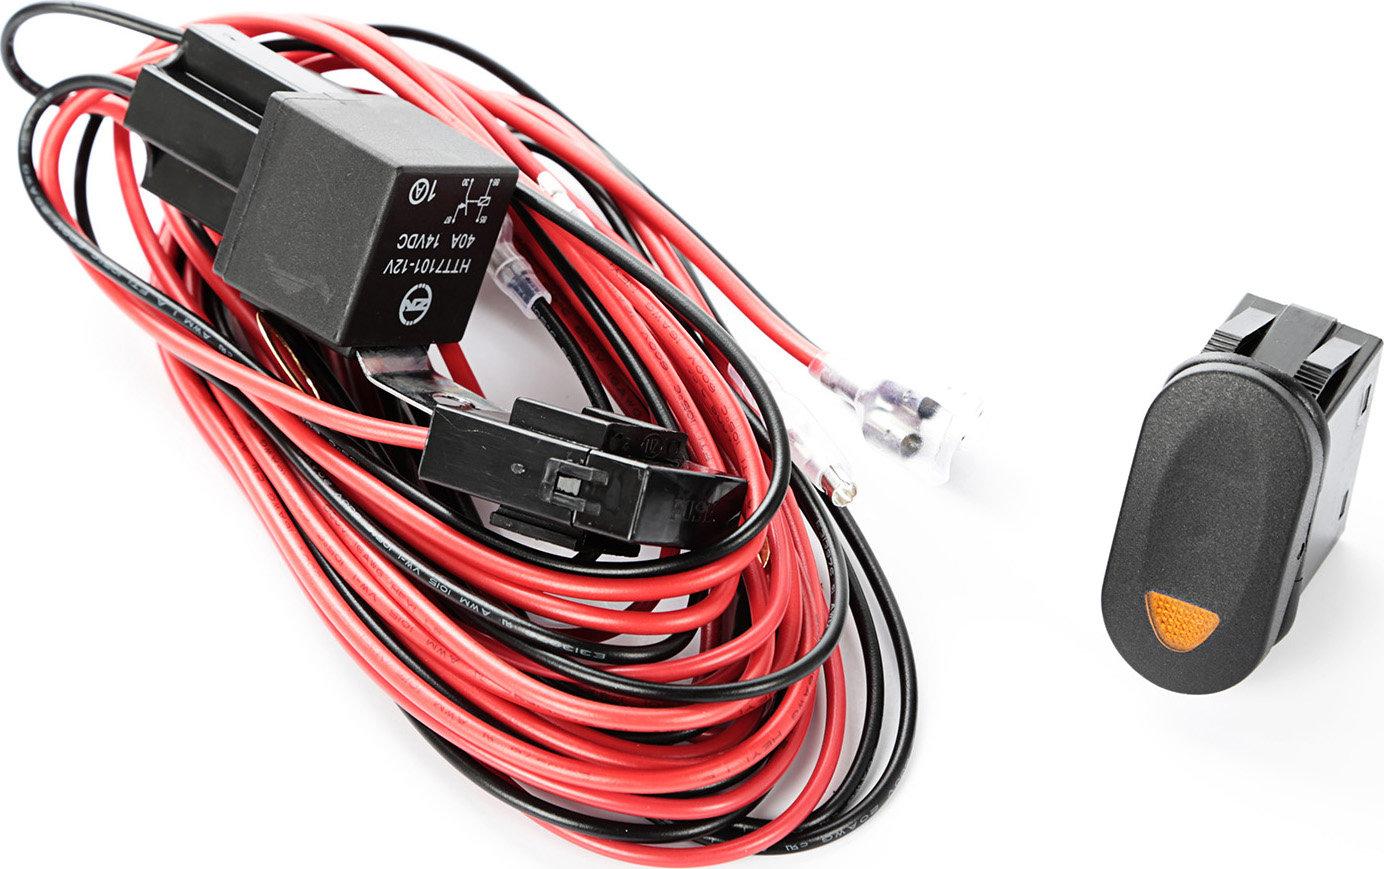 mk intermediate switch wiring diagram 94 jeep cherokee rugged ridge 15210 74 light harness kit quadratec